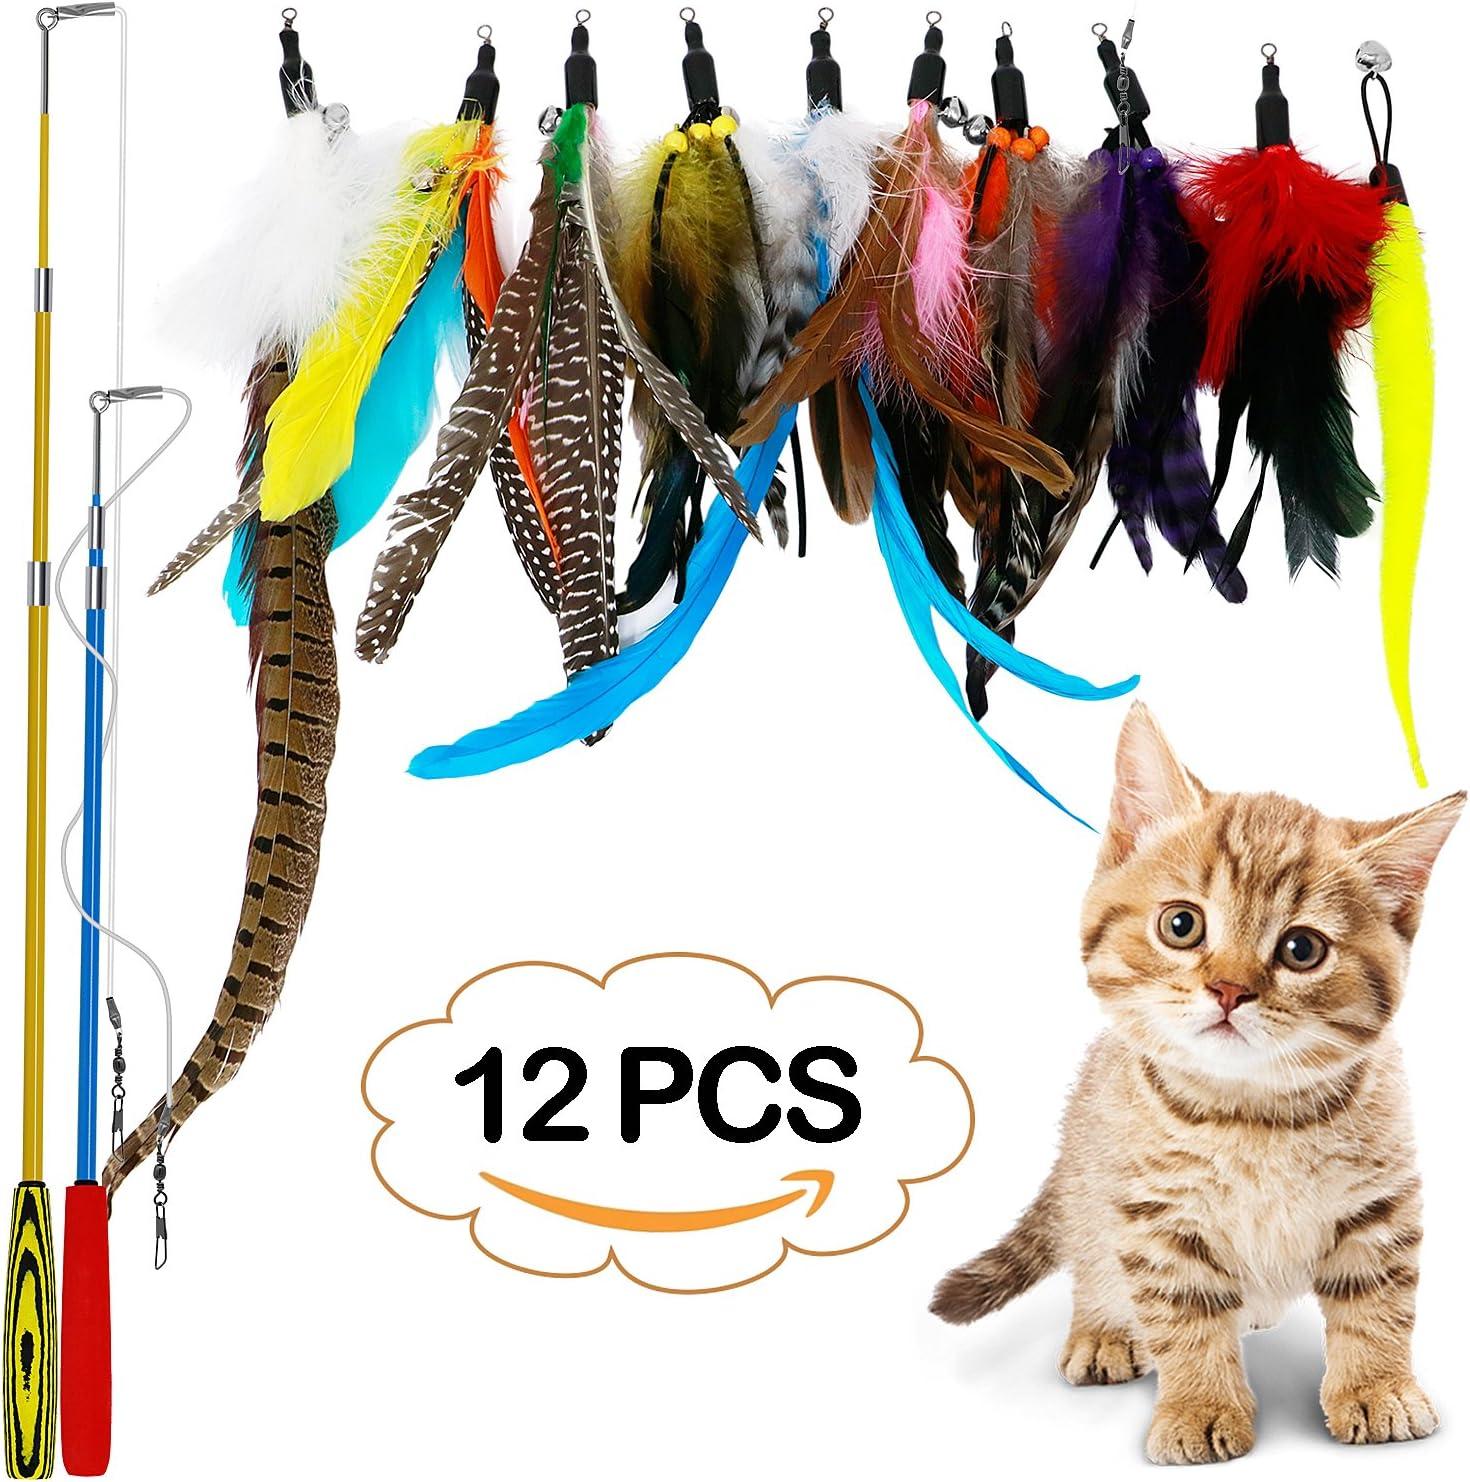 LlorenteRM Juguetes para Gatos interactivos de Plumas de Peluche retráctil con 2 Varillas 10 Accesorios Gusano pájaros Plumas para Gatos